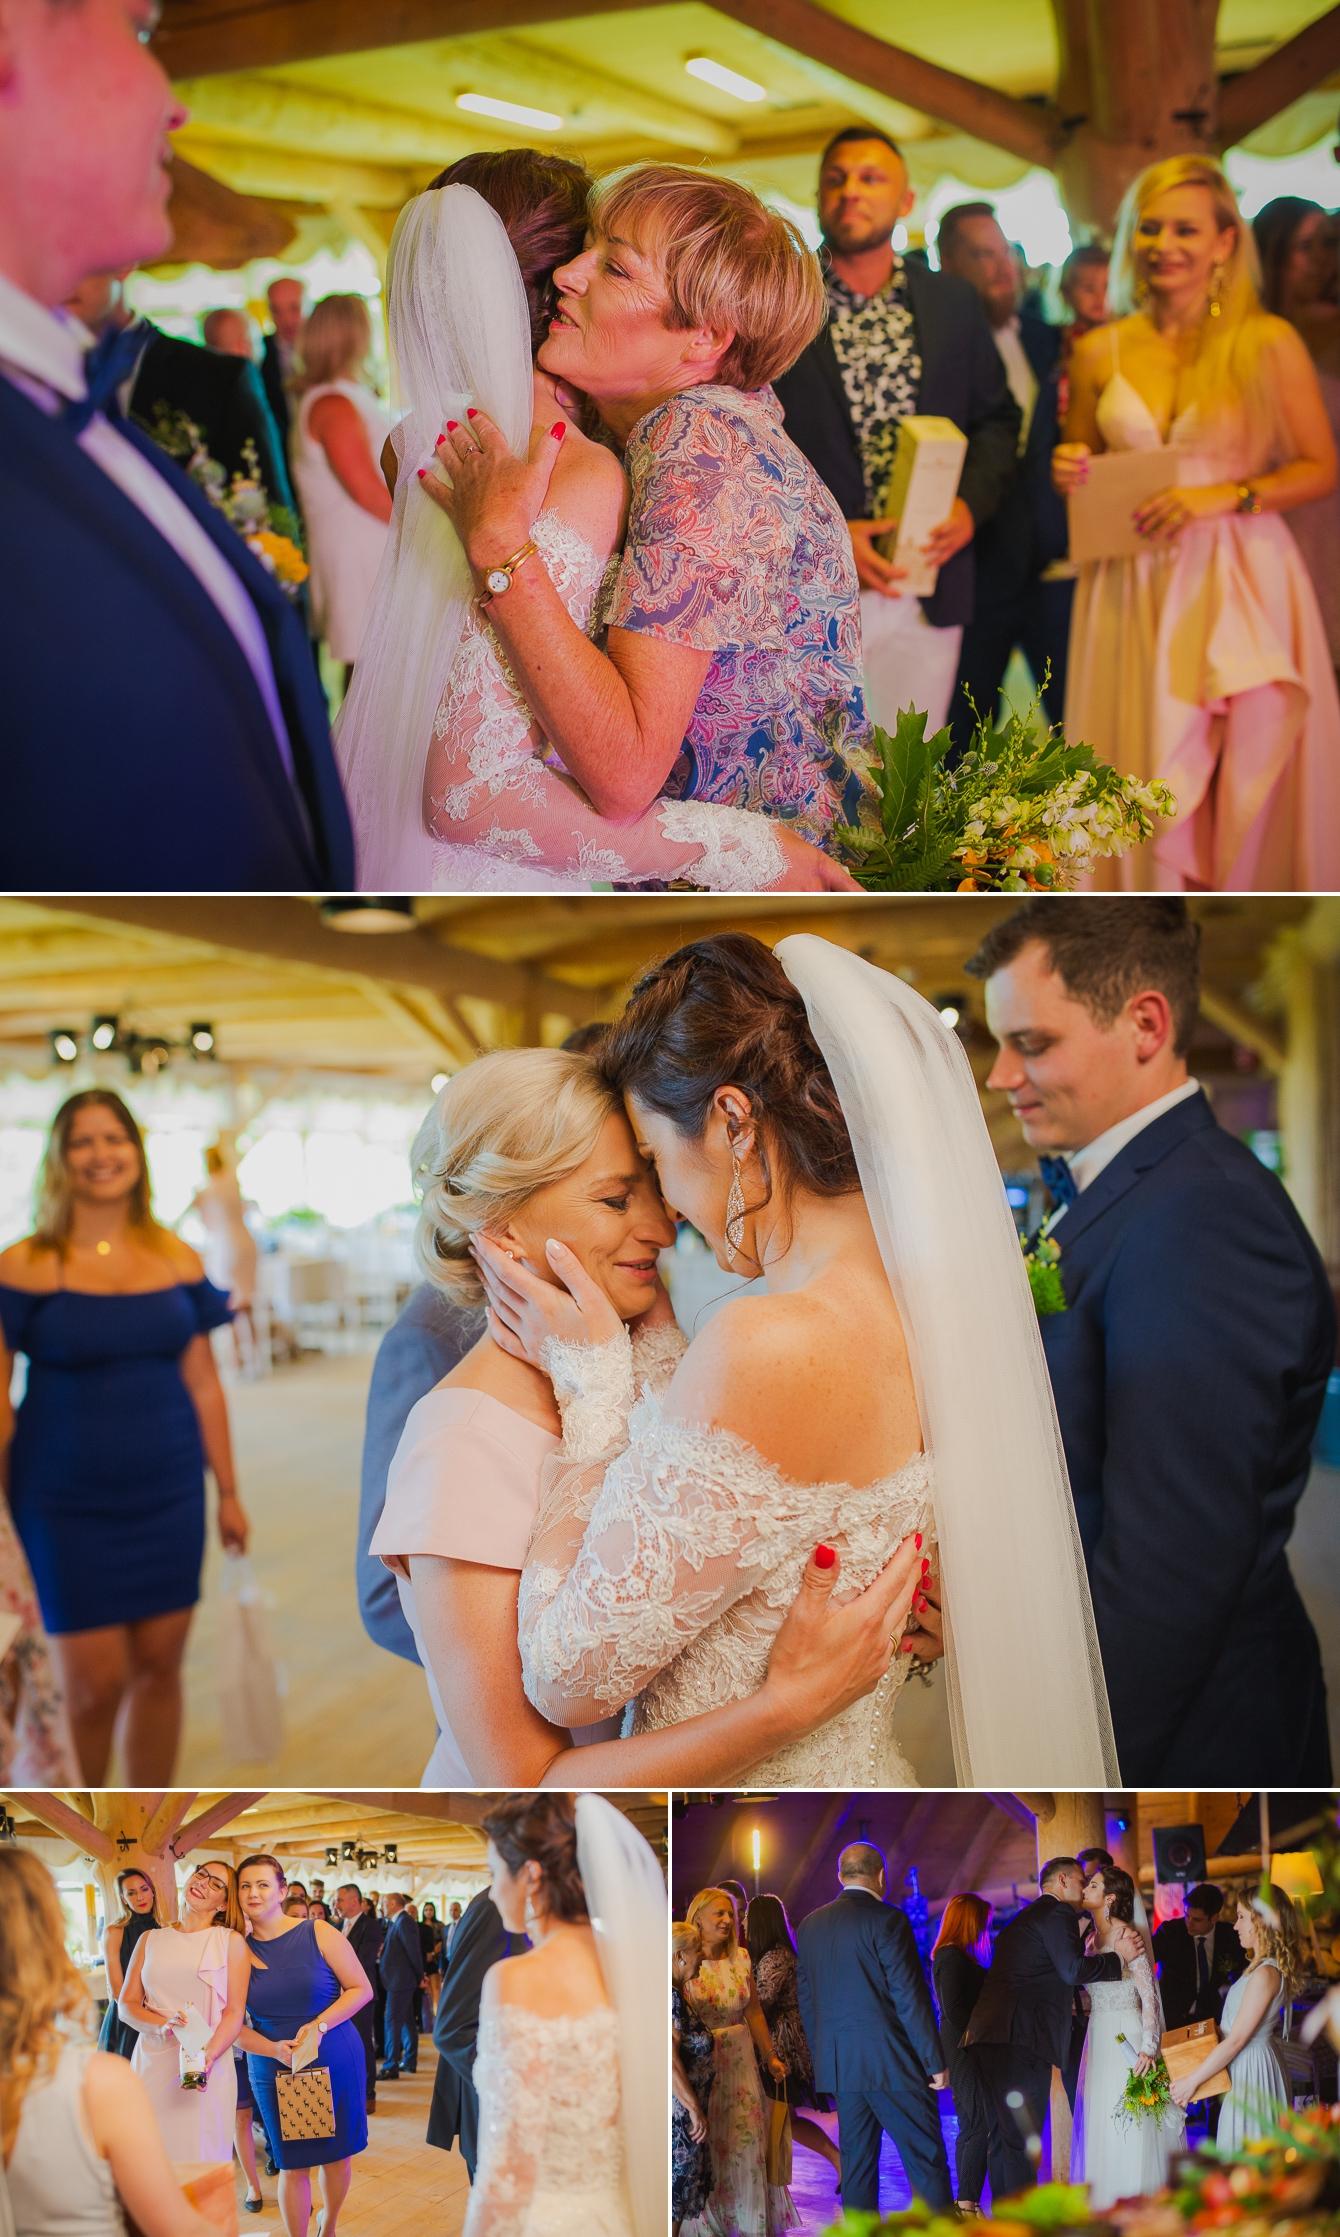 Ania i Damian - ślub w górach - Kocierz SPA - fotografia ślubna - bartek Wyrobek  (16).jpg